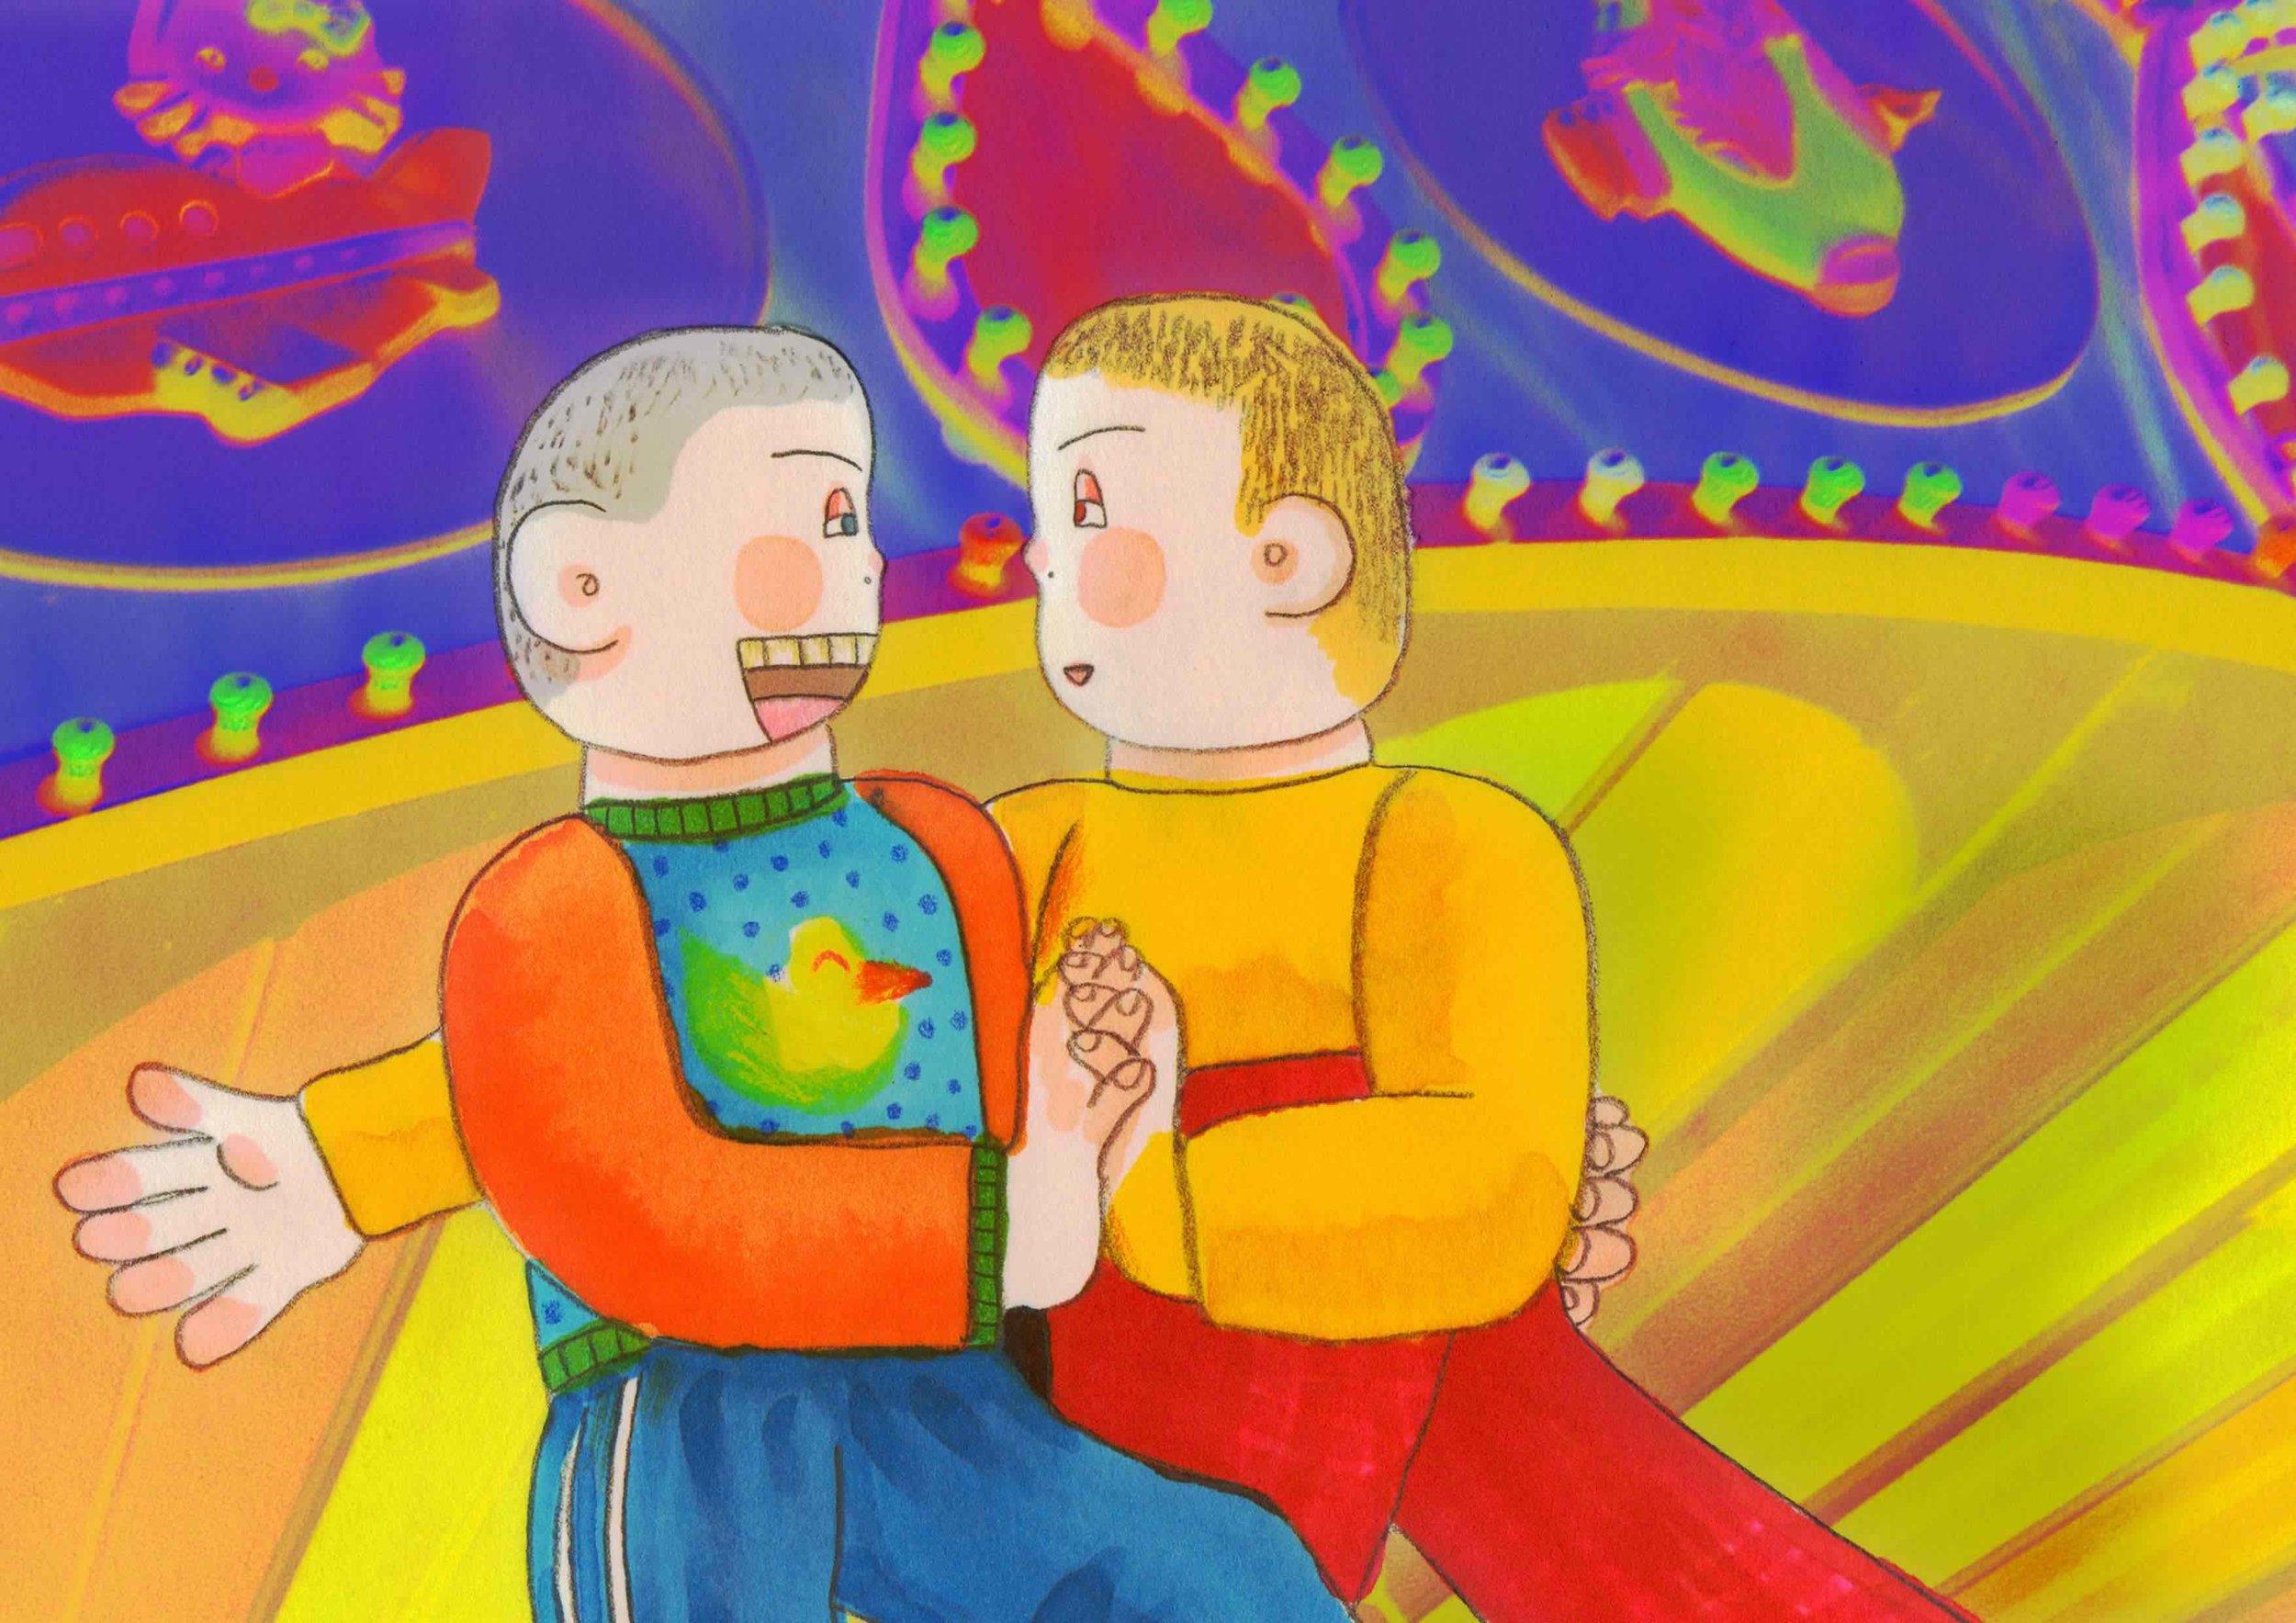 201-gay_couple.jpeg